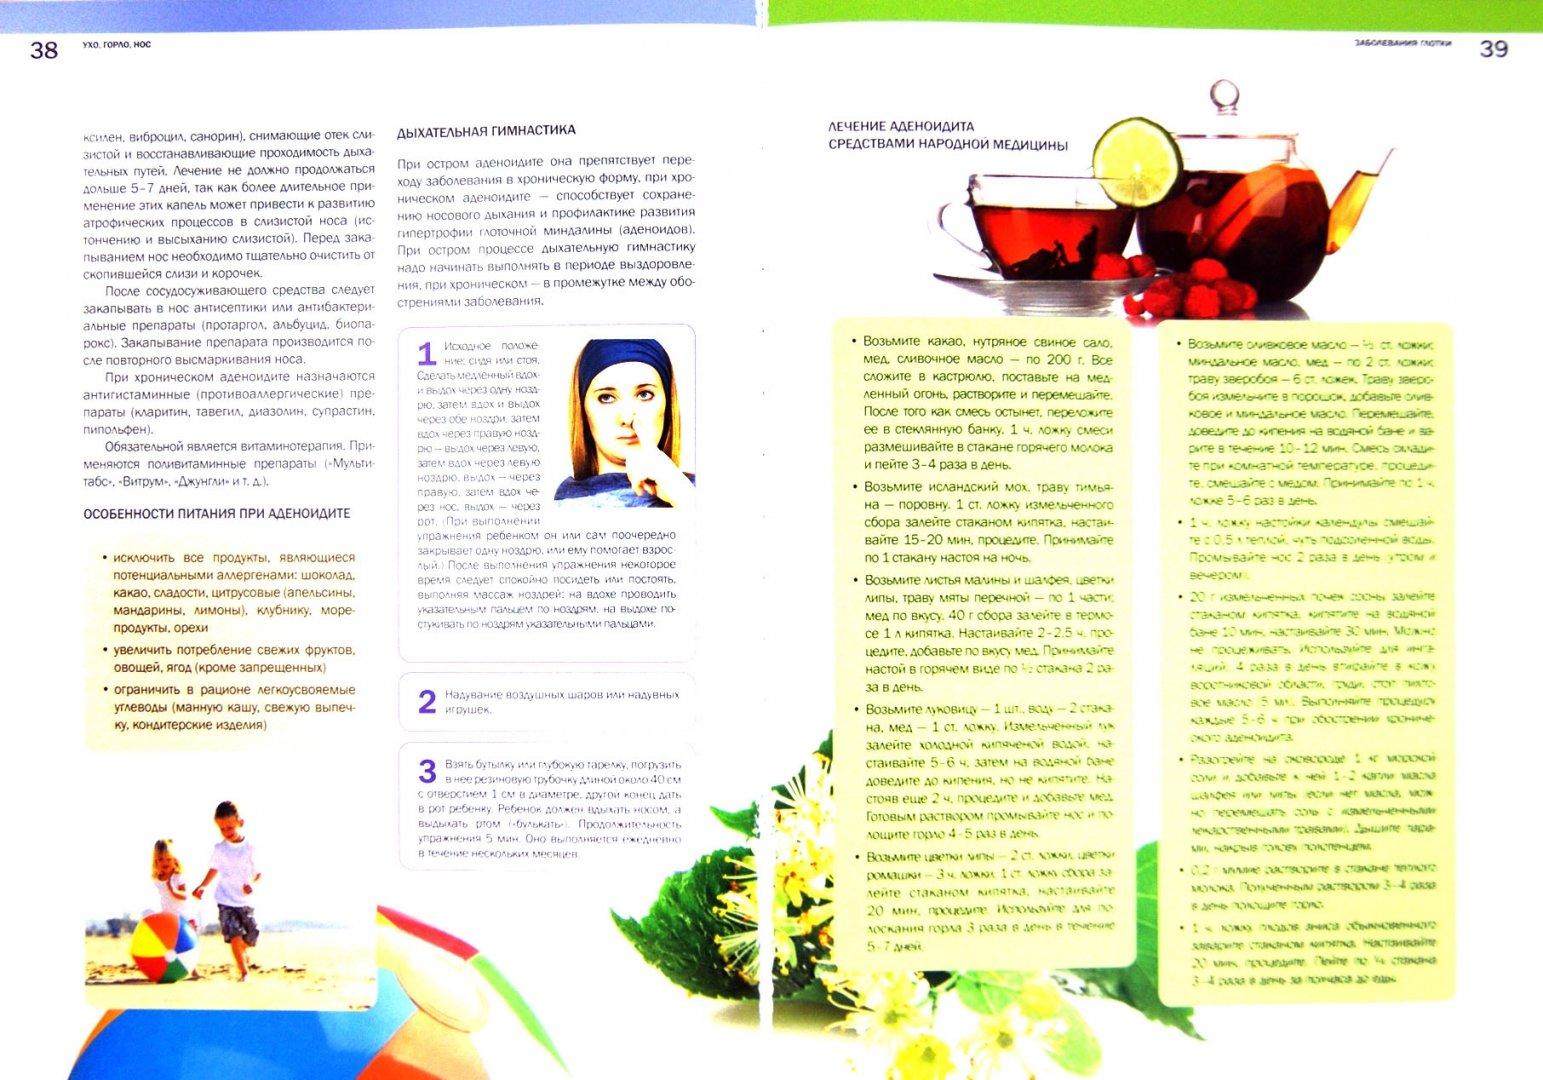 Иллюстрация 1 из 9 для Ухо, горло, нос. Органы чувств - Елена Полякова   Лабиринт - книги. Источник: Лабиринт